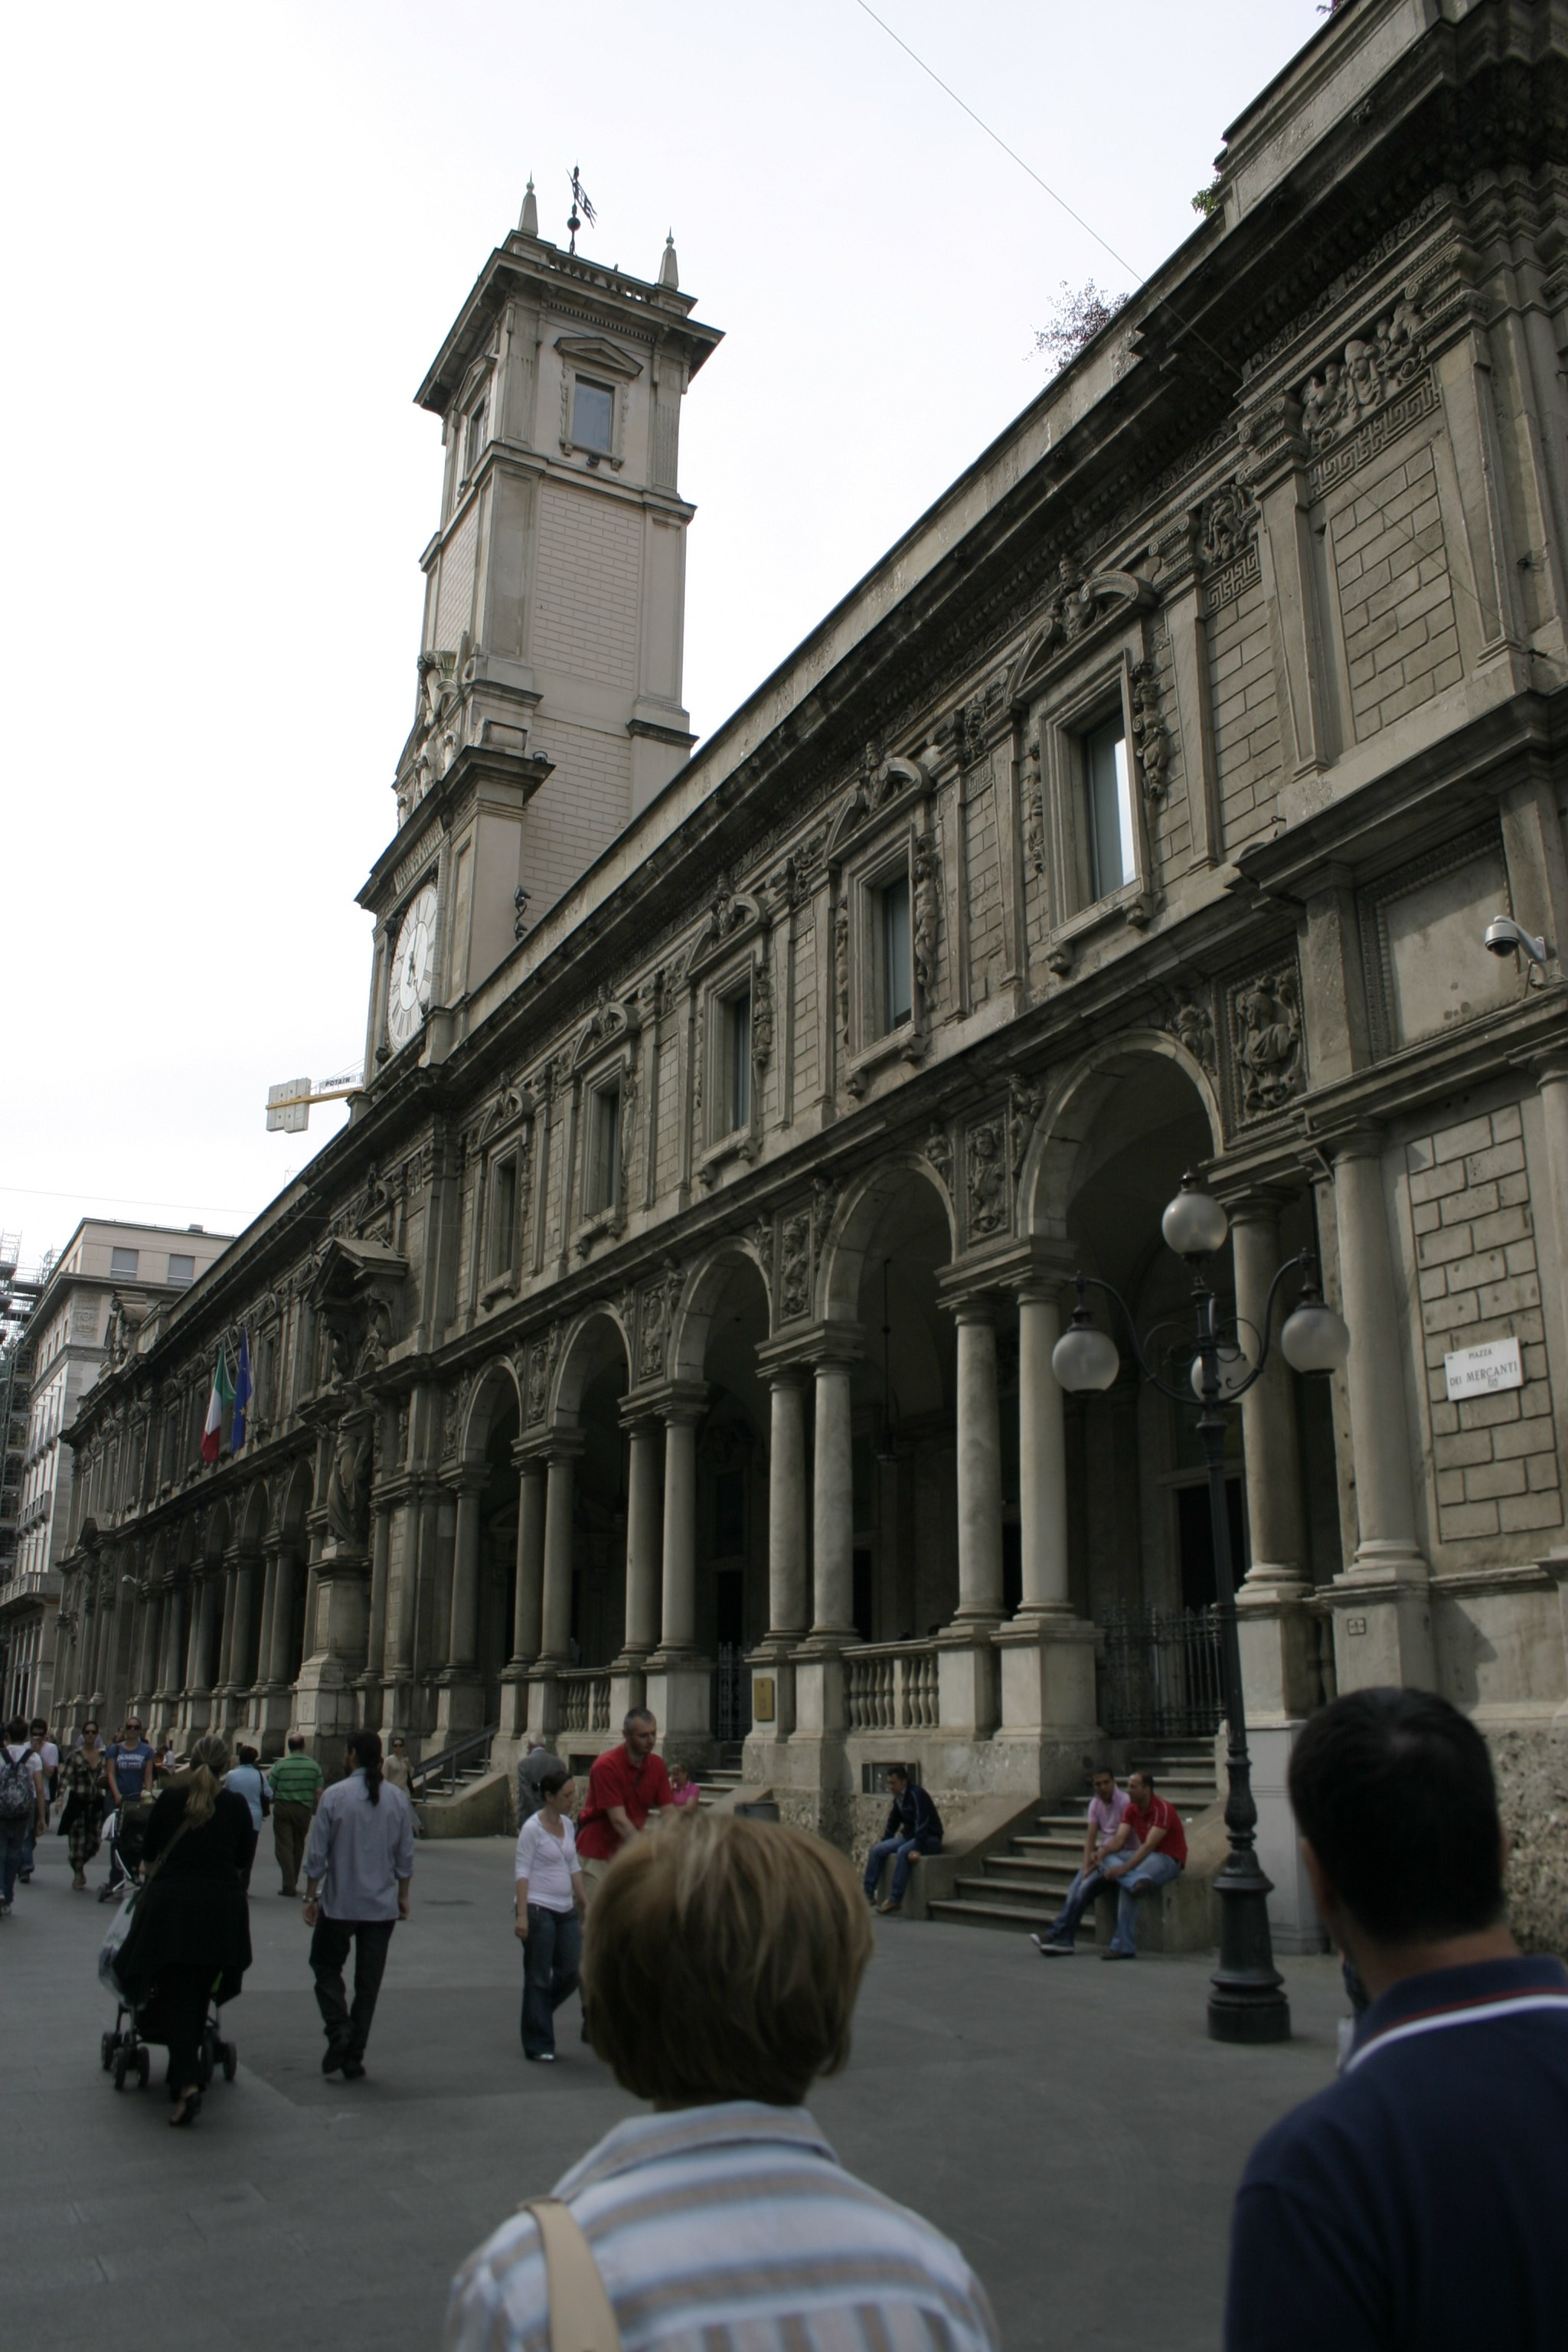 Mailand Sehensw U00fcrdigkeiten  Bilder Von Milano In Italien